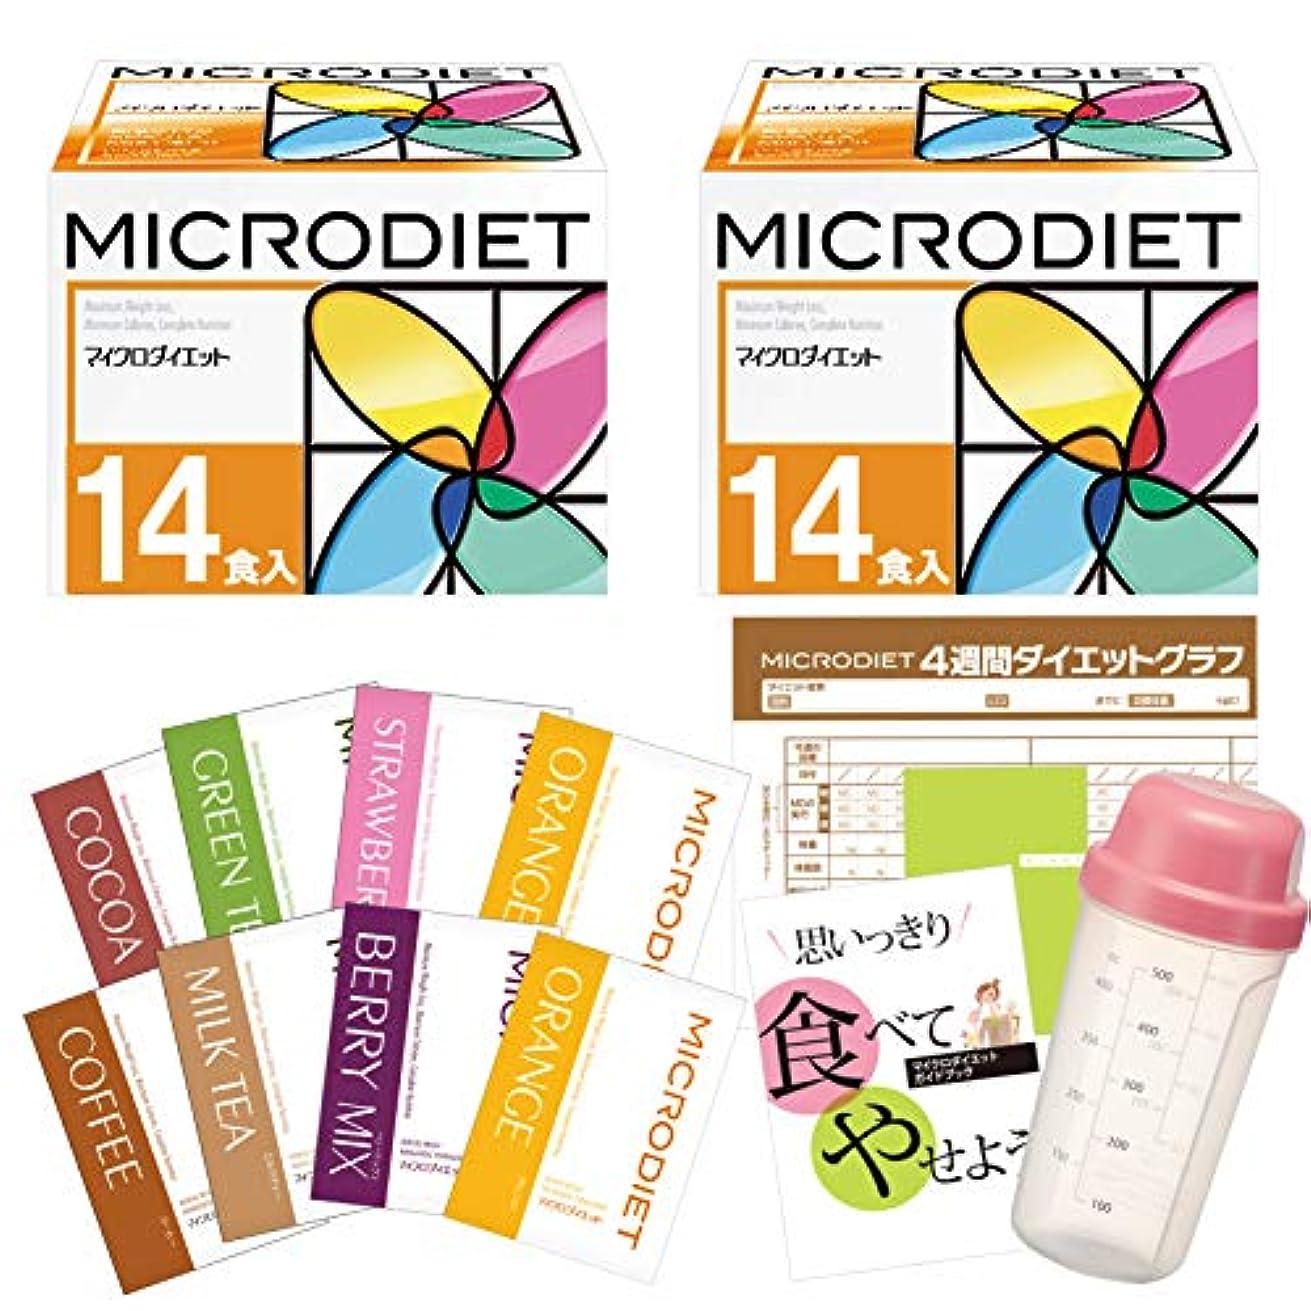 ハウス教育するいたずらマイクロダイエット2箱セット(リゾット&パスタ2箱:D1002)